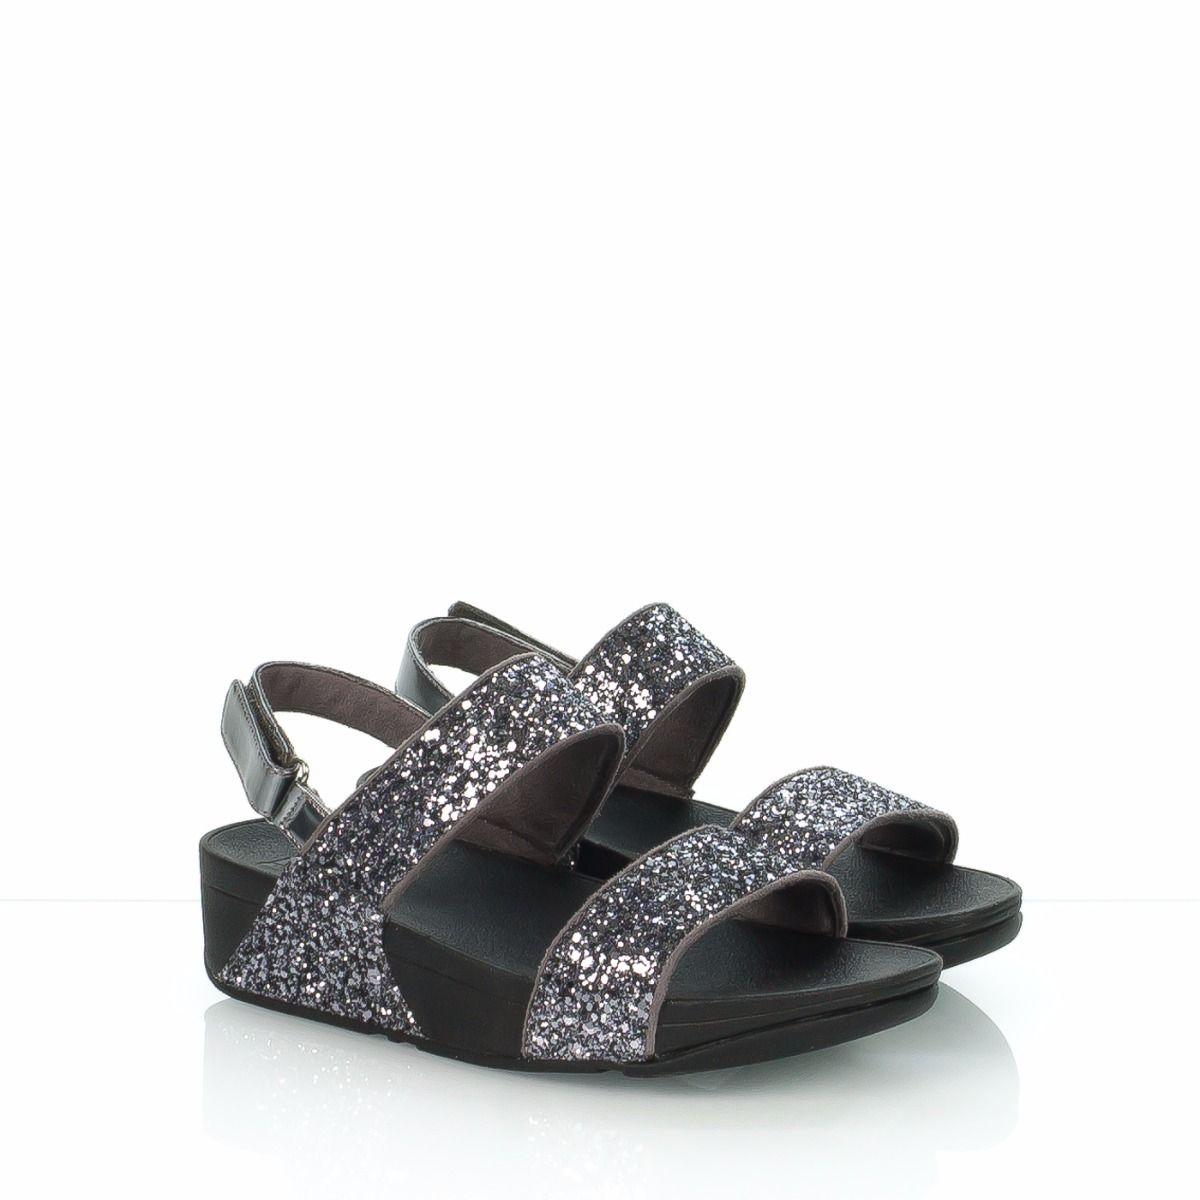 Grigio Glitterball Sandalo Donna H67 Fitflop KJcTFl1